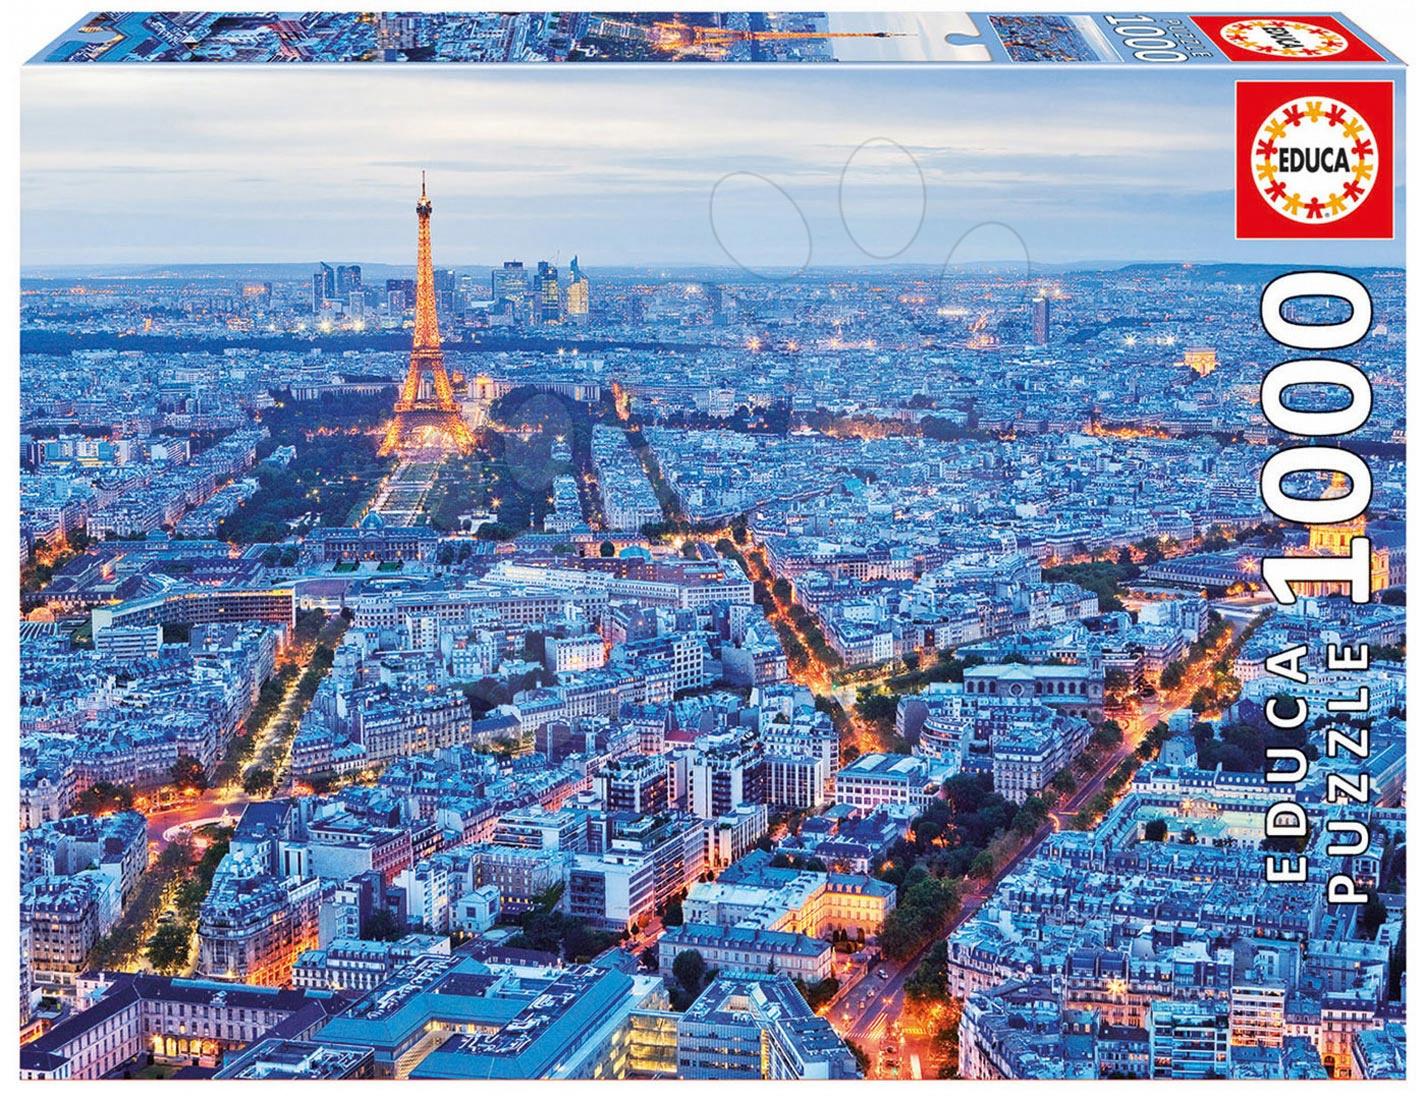 Puzzle Genuine Paris Lights Educa 1000 dílů od 12 let